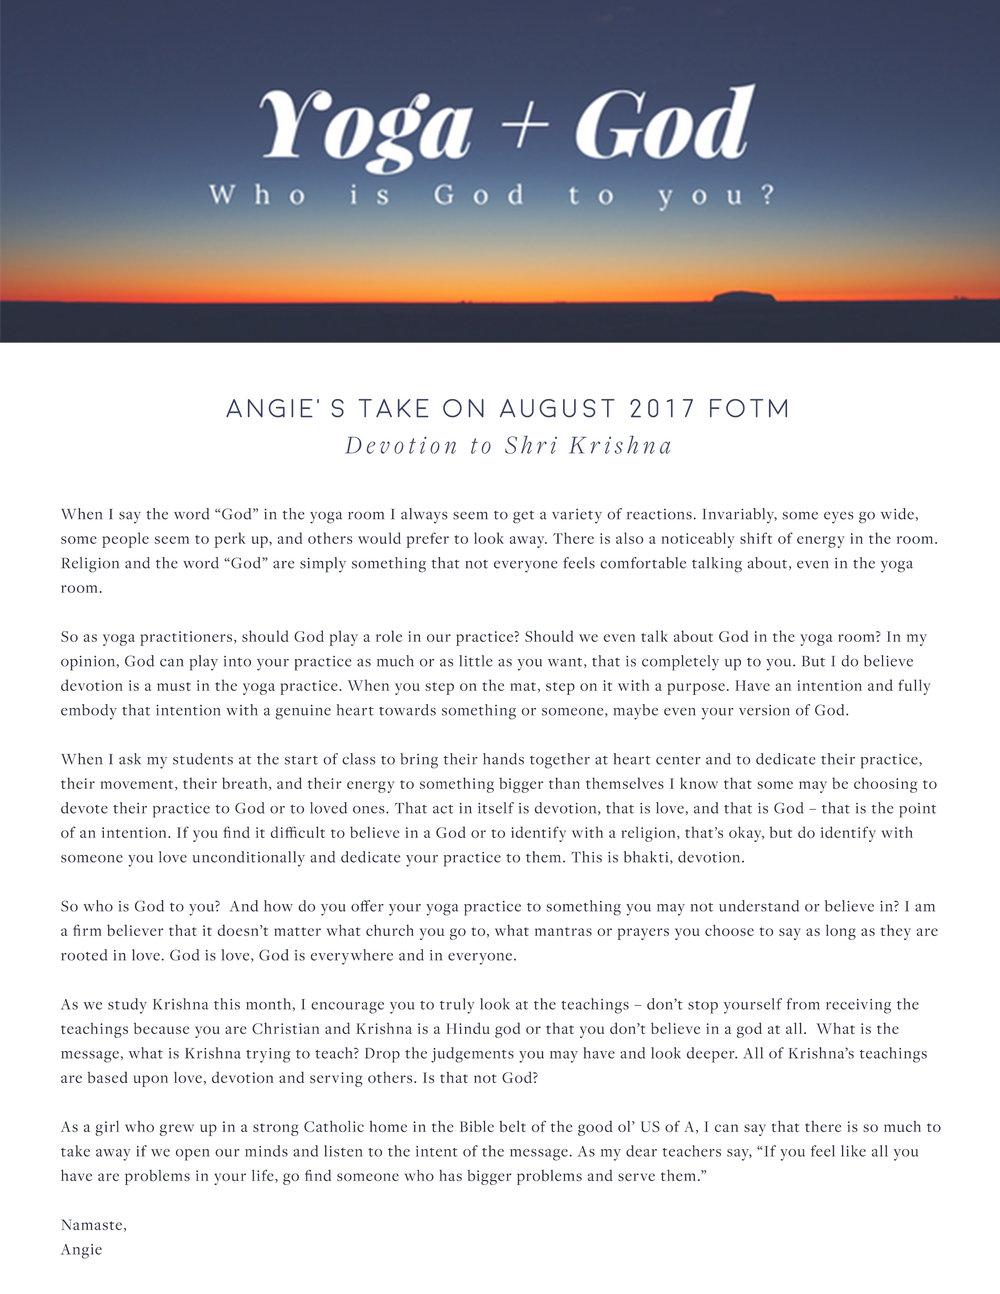 FOTM-August.jpg